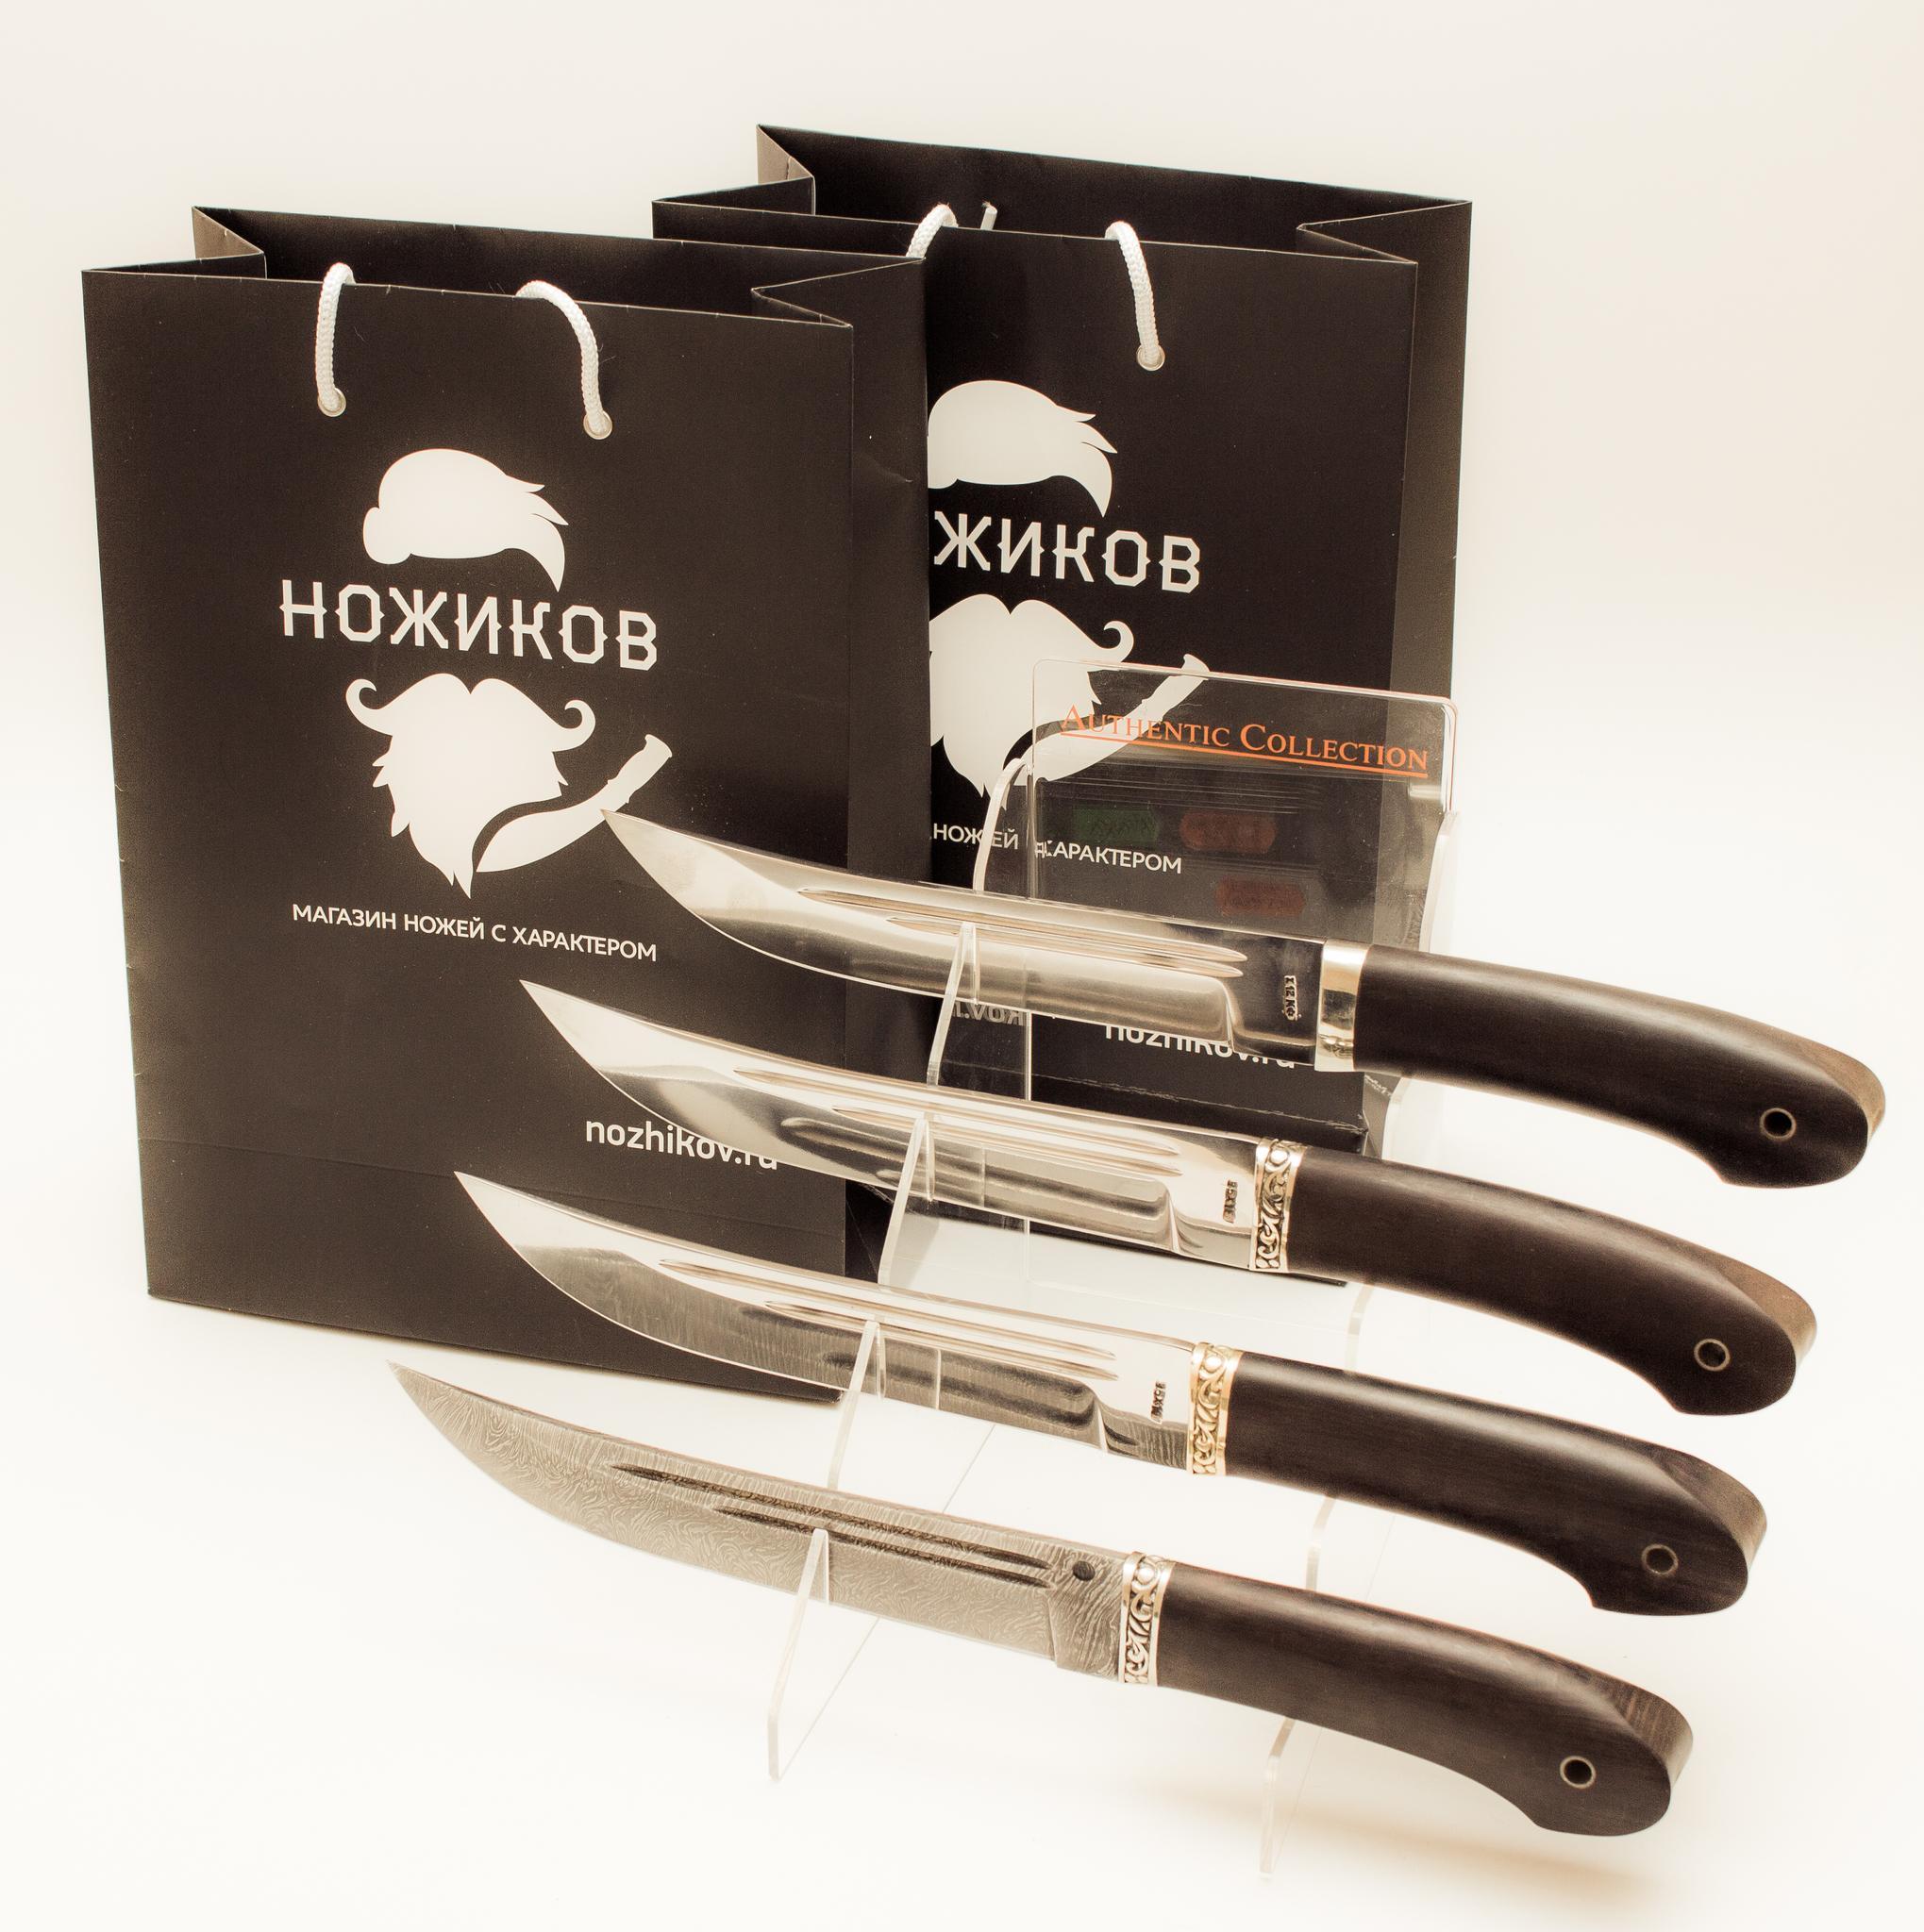 Фото 10 - Подарочный пакет от Nozhikov